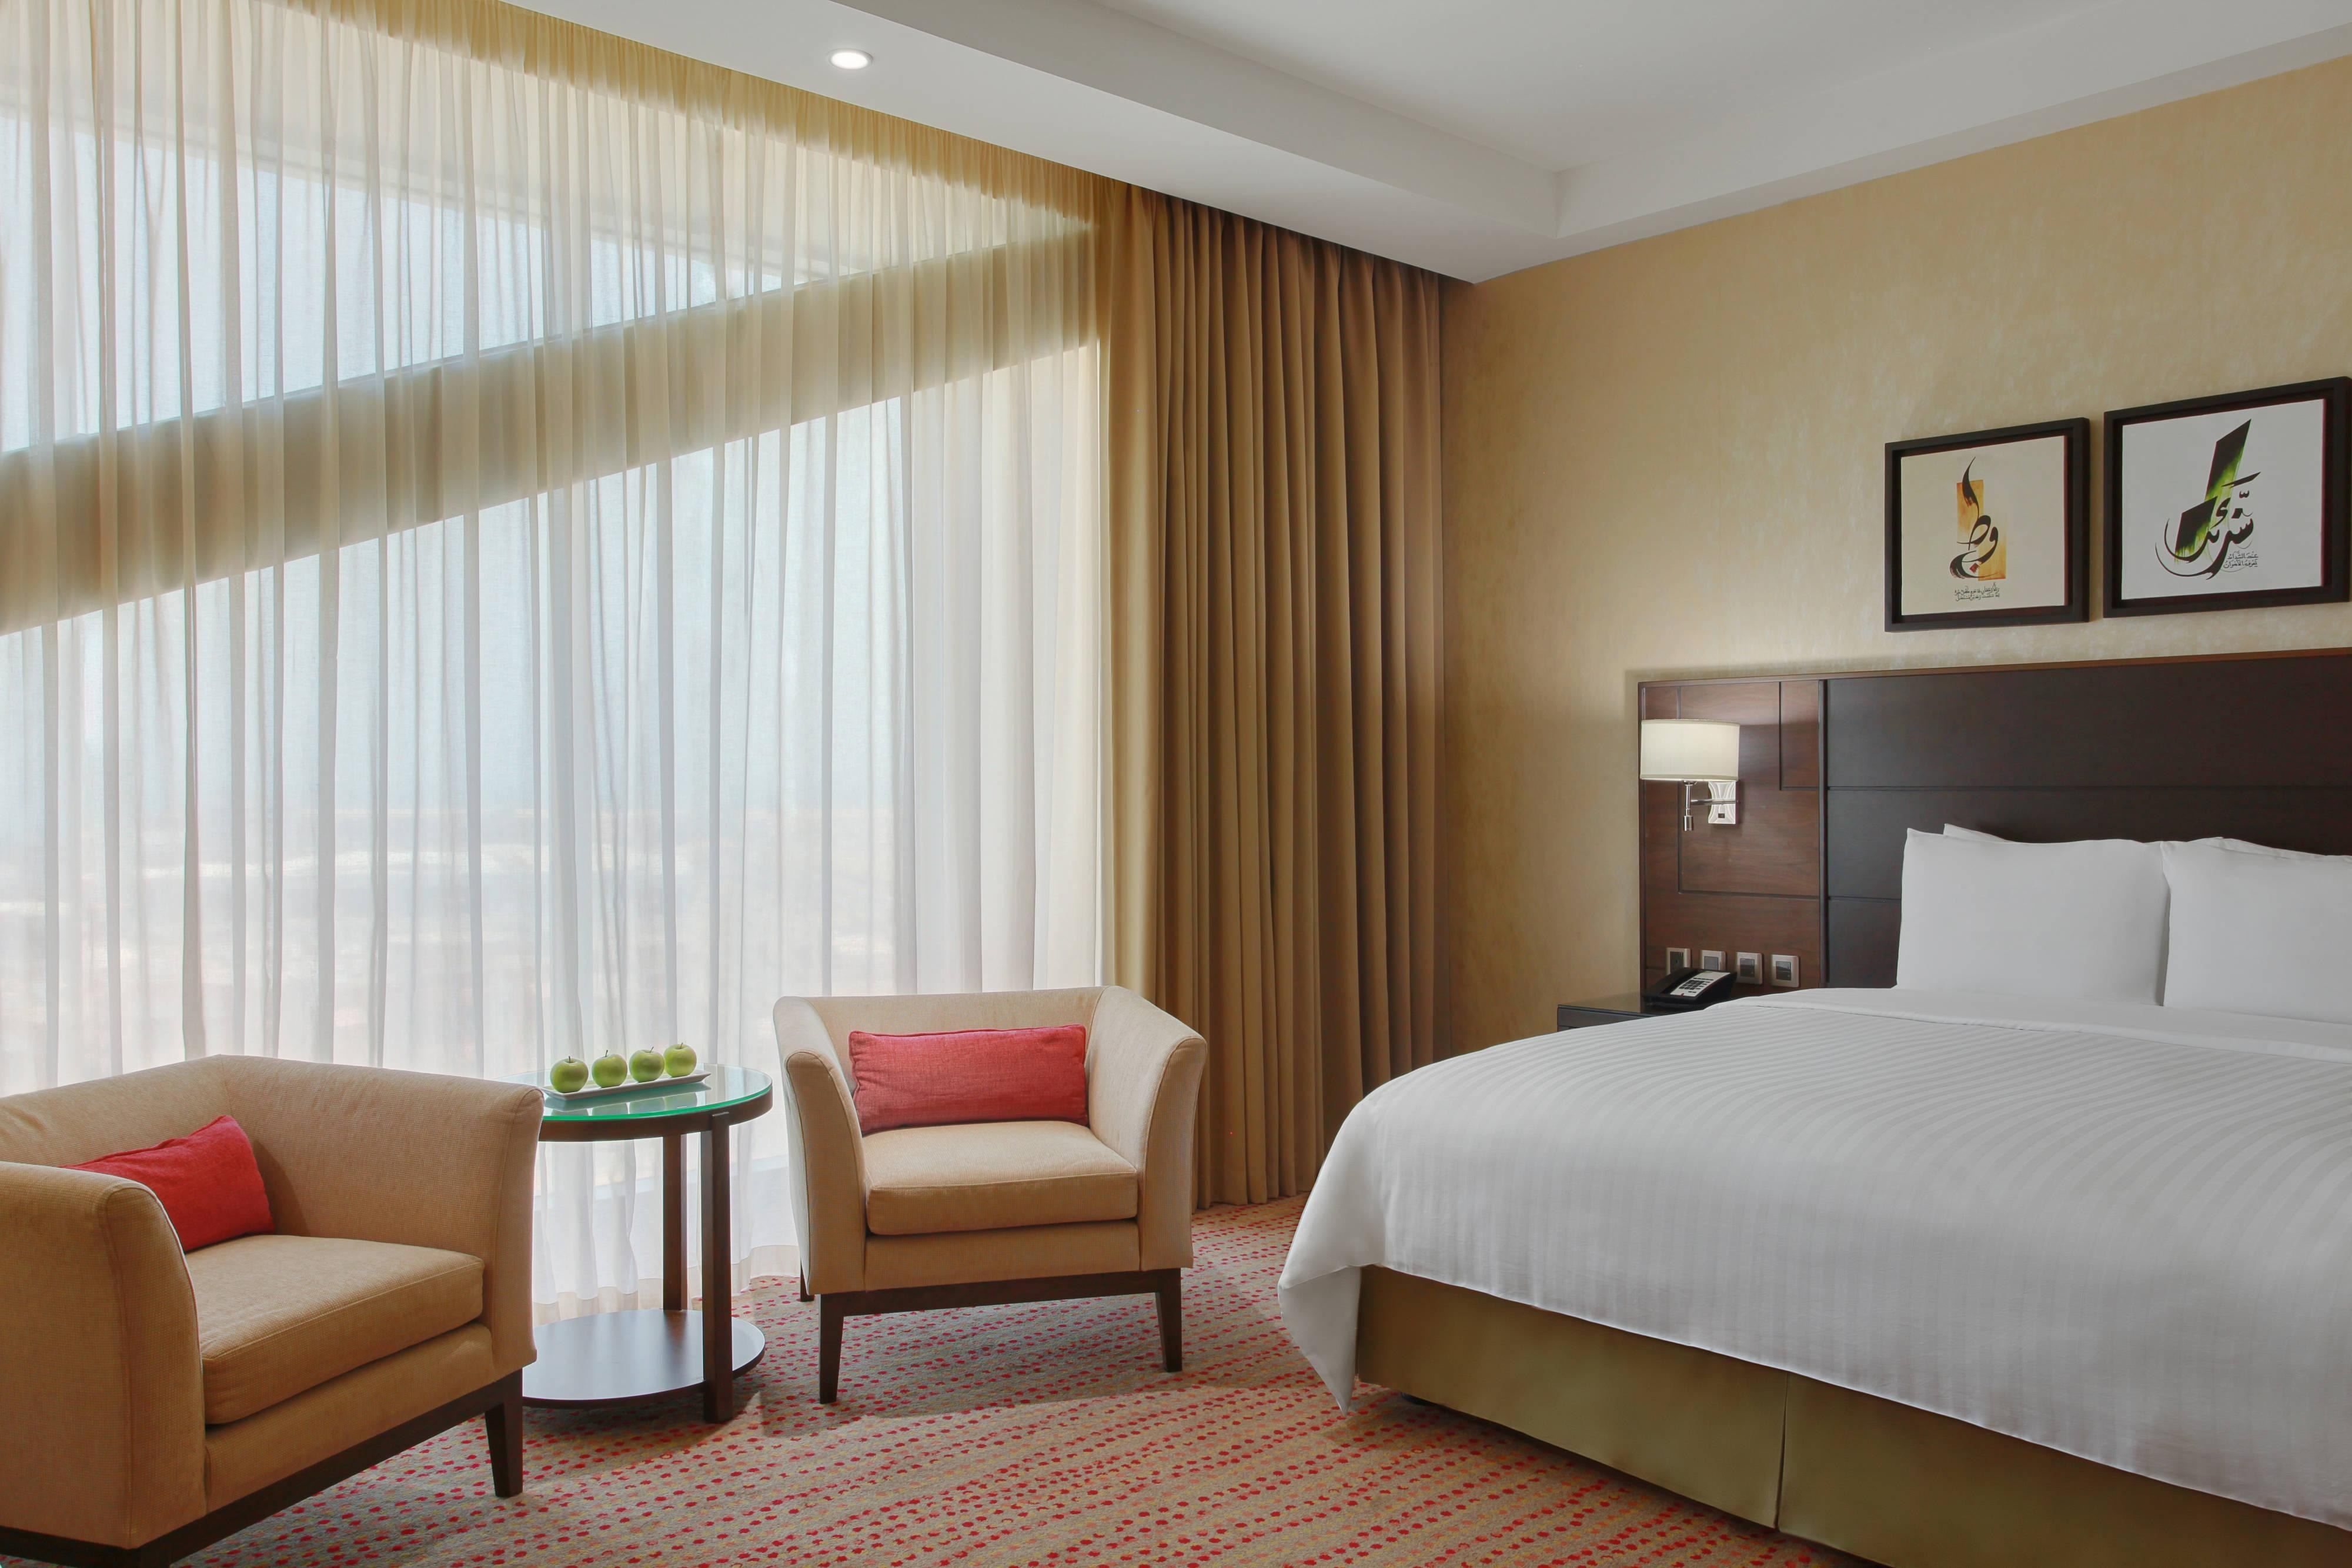 Suite Razan - Dormitorio